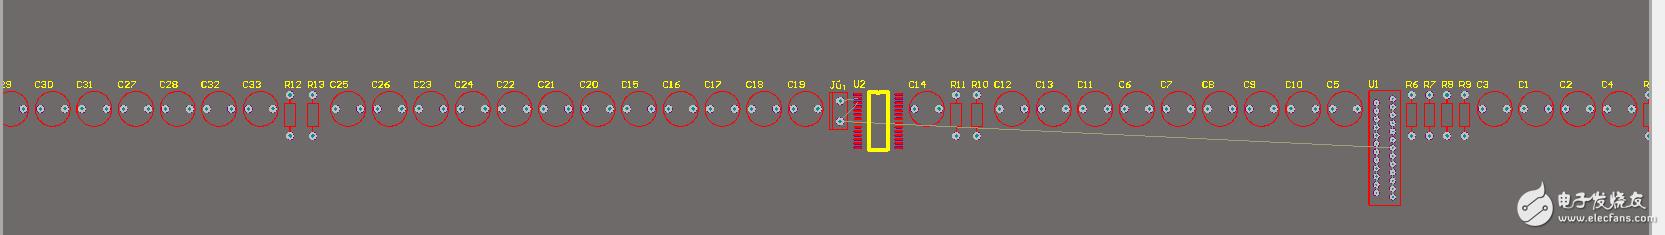 用AD16画的原理图导入PCB时不显示元器件之间连接线,有知道问题出在哪吗?